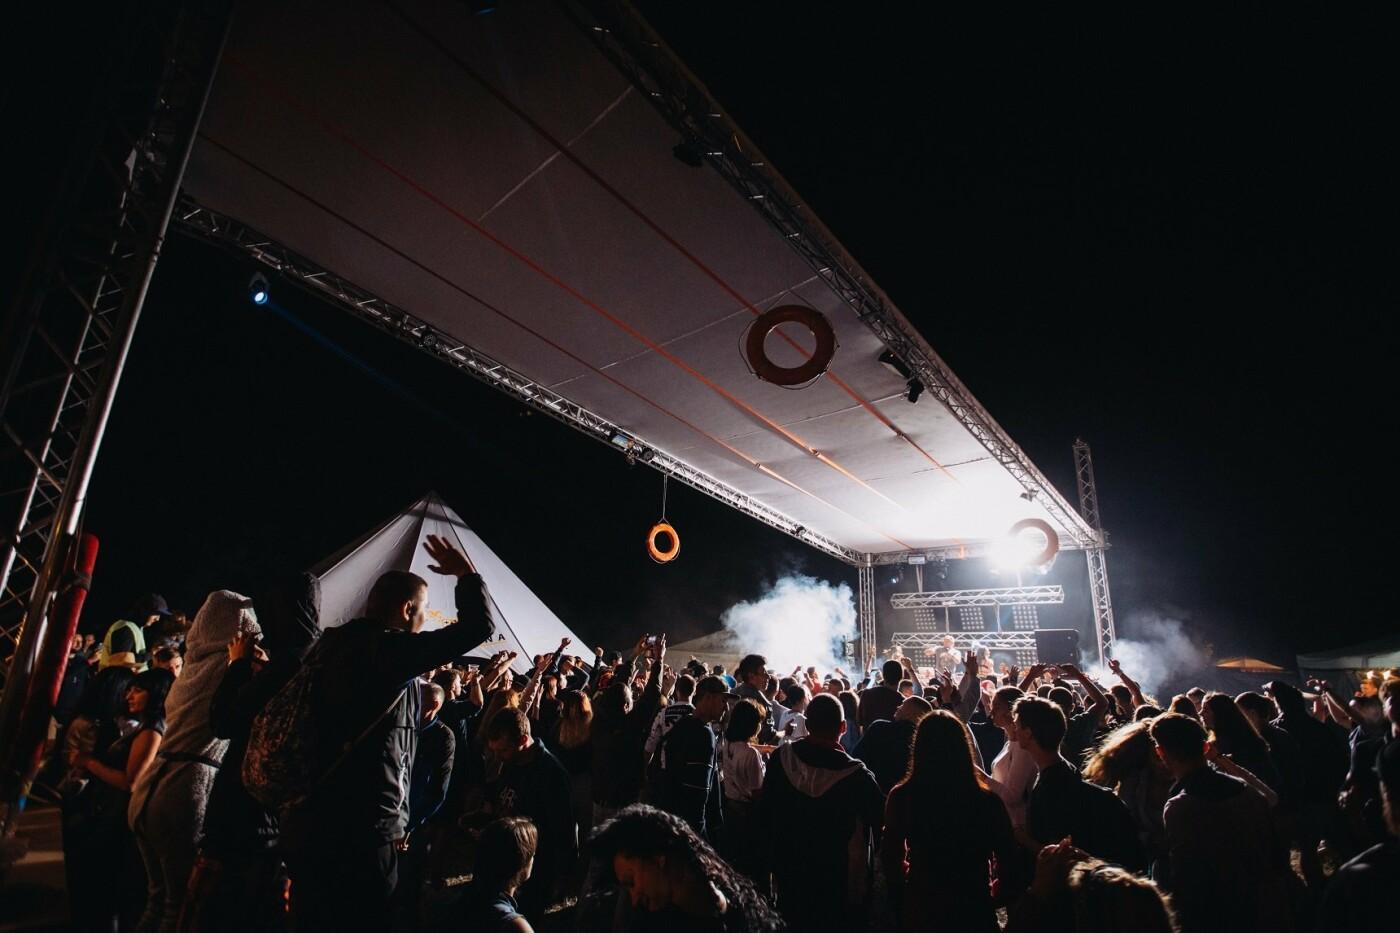 Пропозиція руки та серця, танці до світанку: нічне життя Novellina Beach Stage (фоторепортаж), фото-15